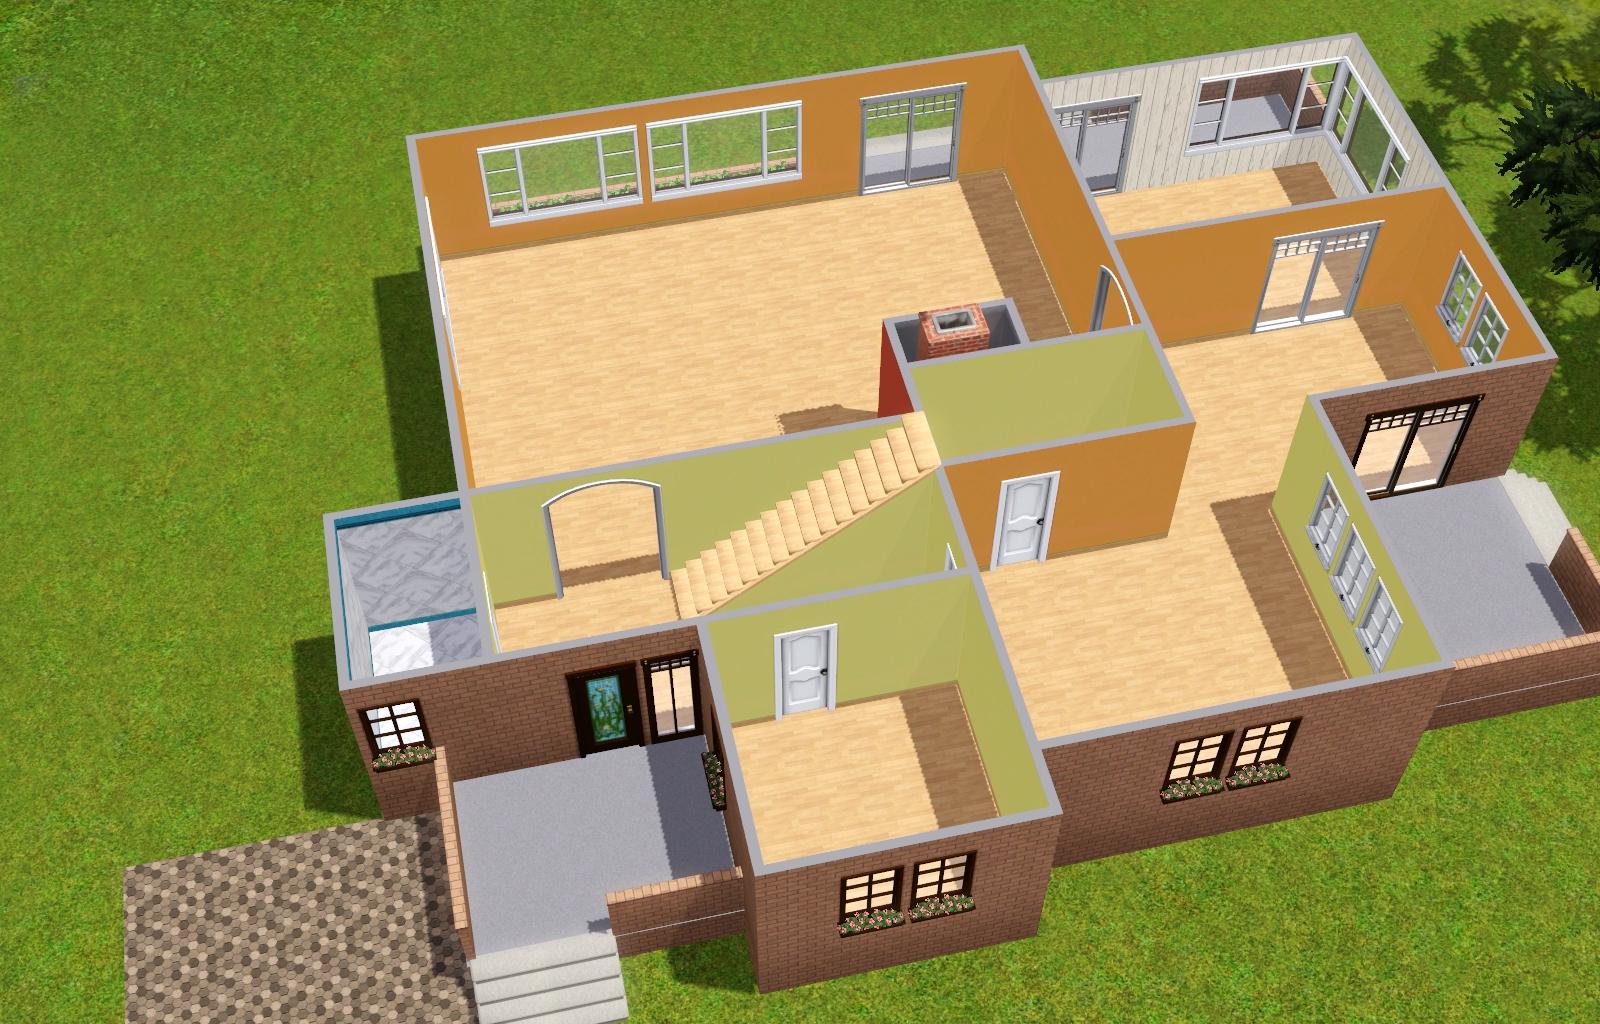 Sims 3 häuser von innen wohnzimmer  Vorstellung) Haus Ida - Das große Sims 3 Forum von und für Fans